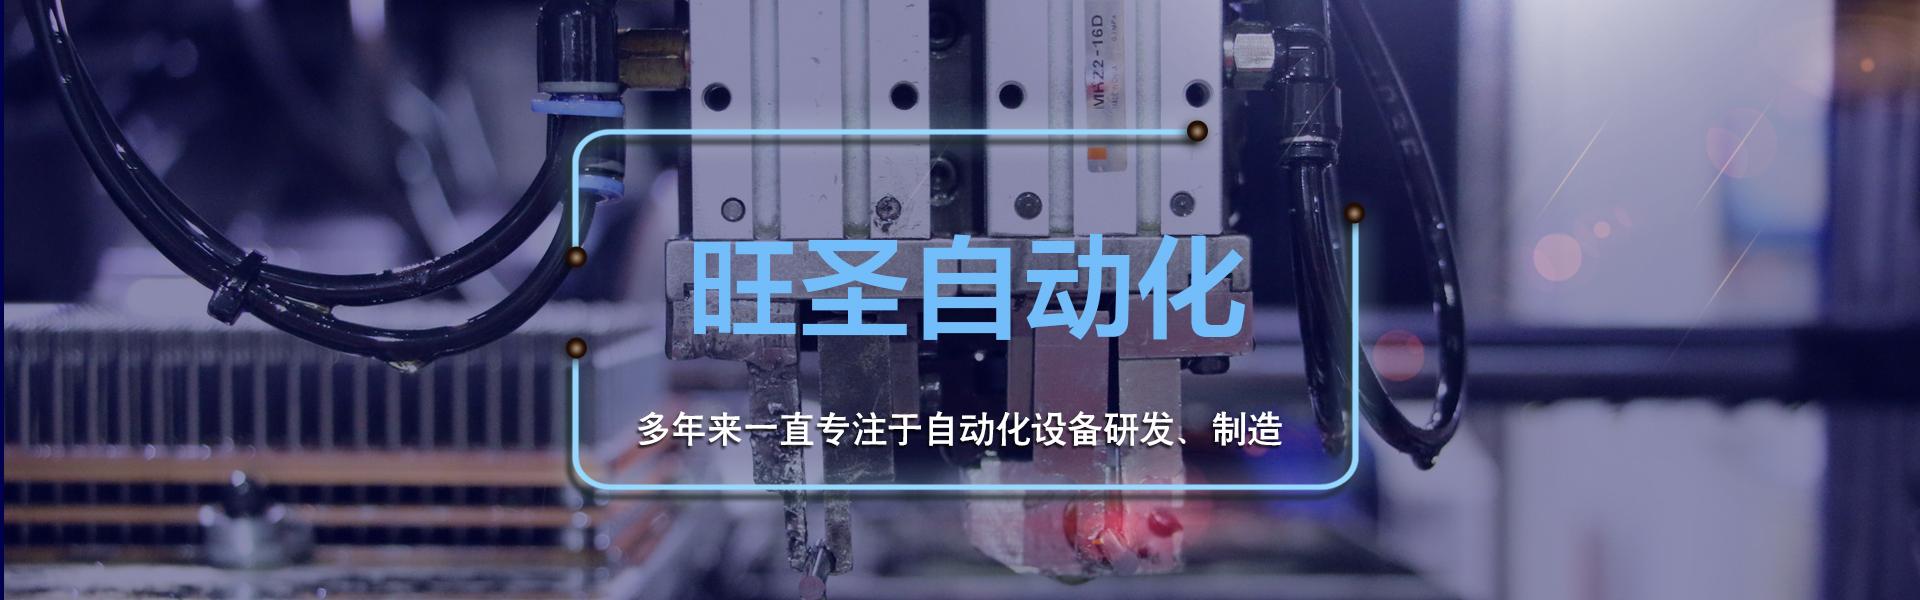 宁波市旺圣工业自动化有限公司